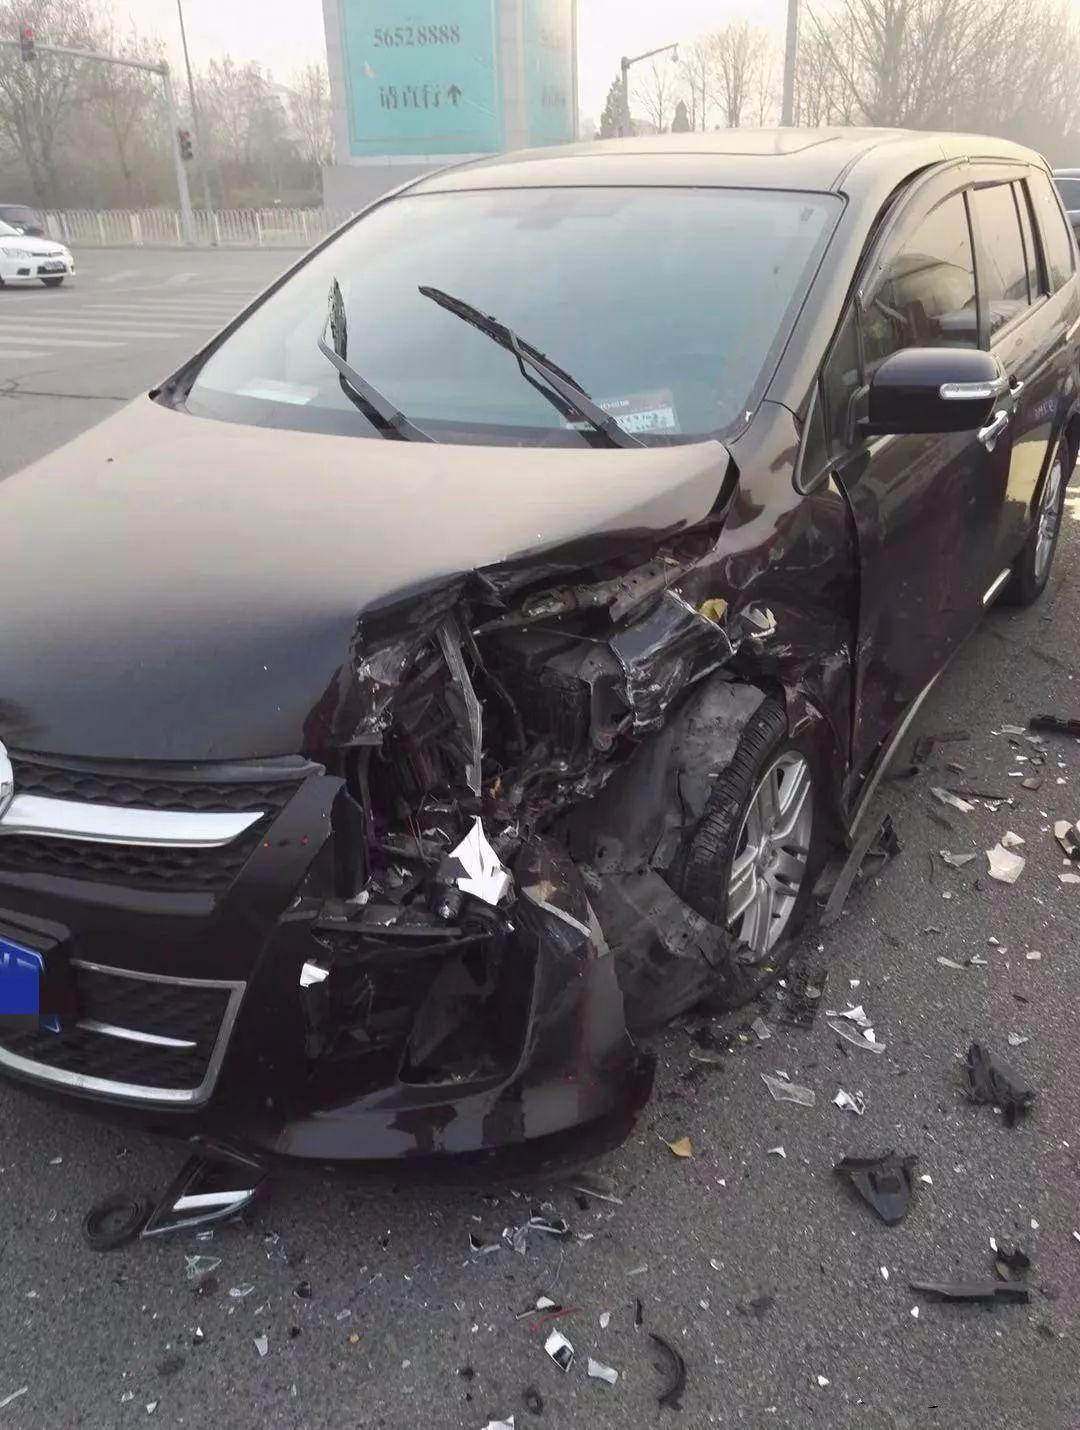 马自达遭车祸暴露质量,这个25%偏置碰撞比帕萨特强不少吧?